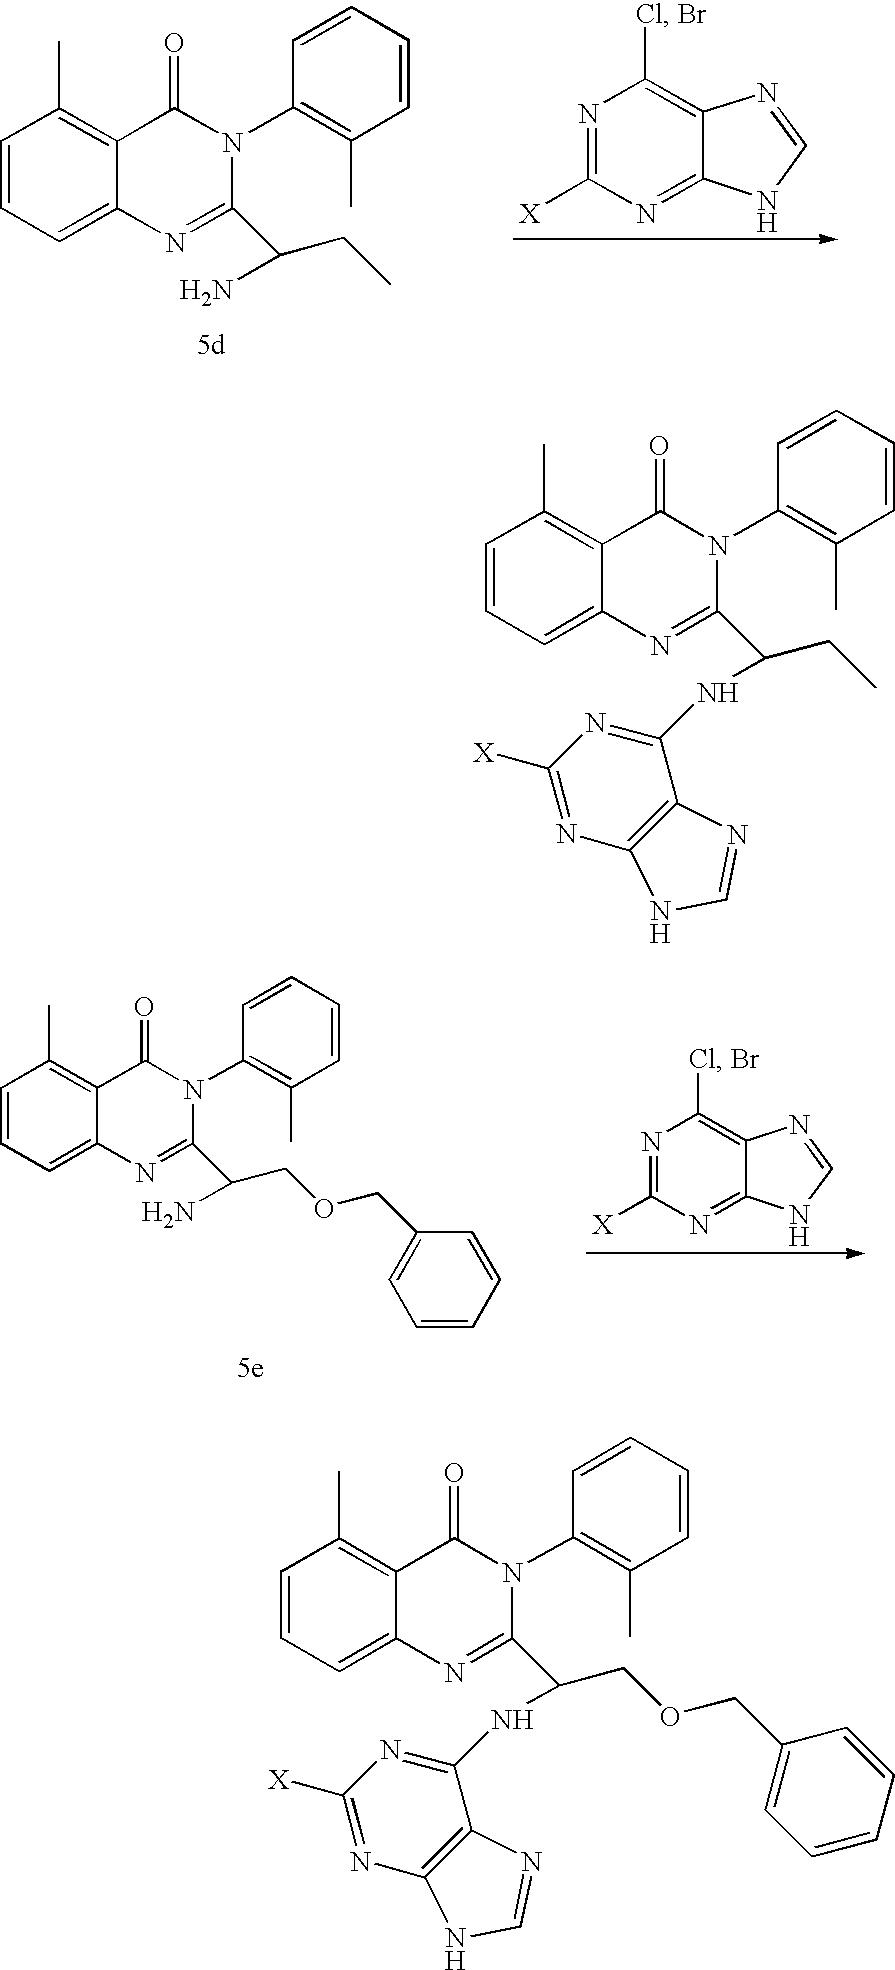 Figure US08623881-20140107-C00032